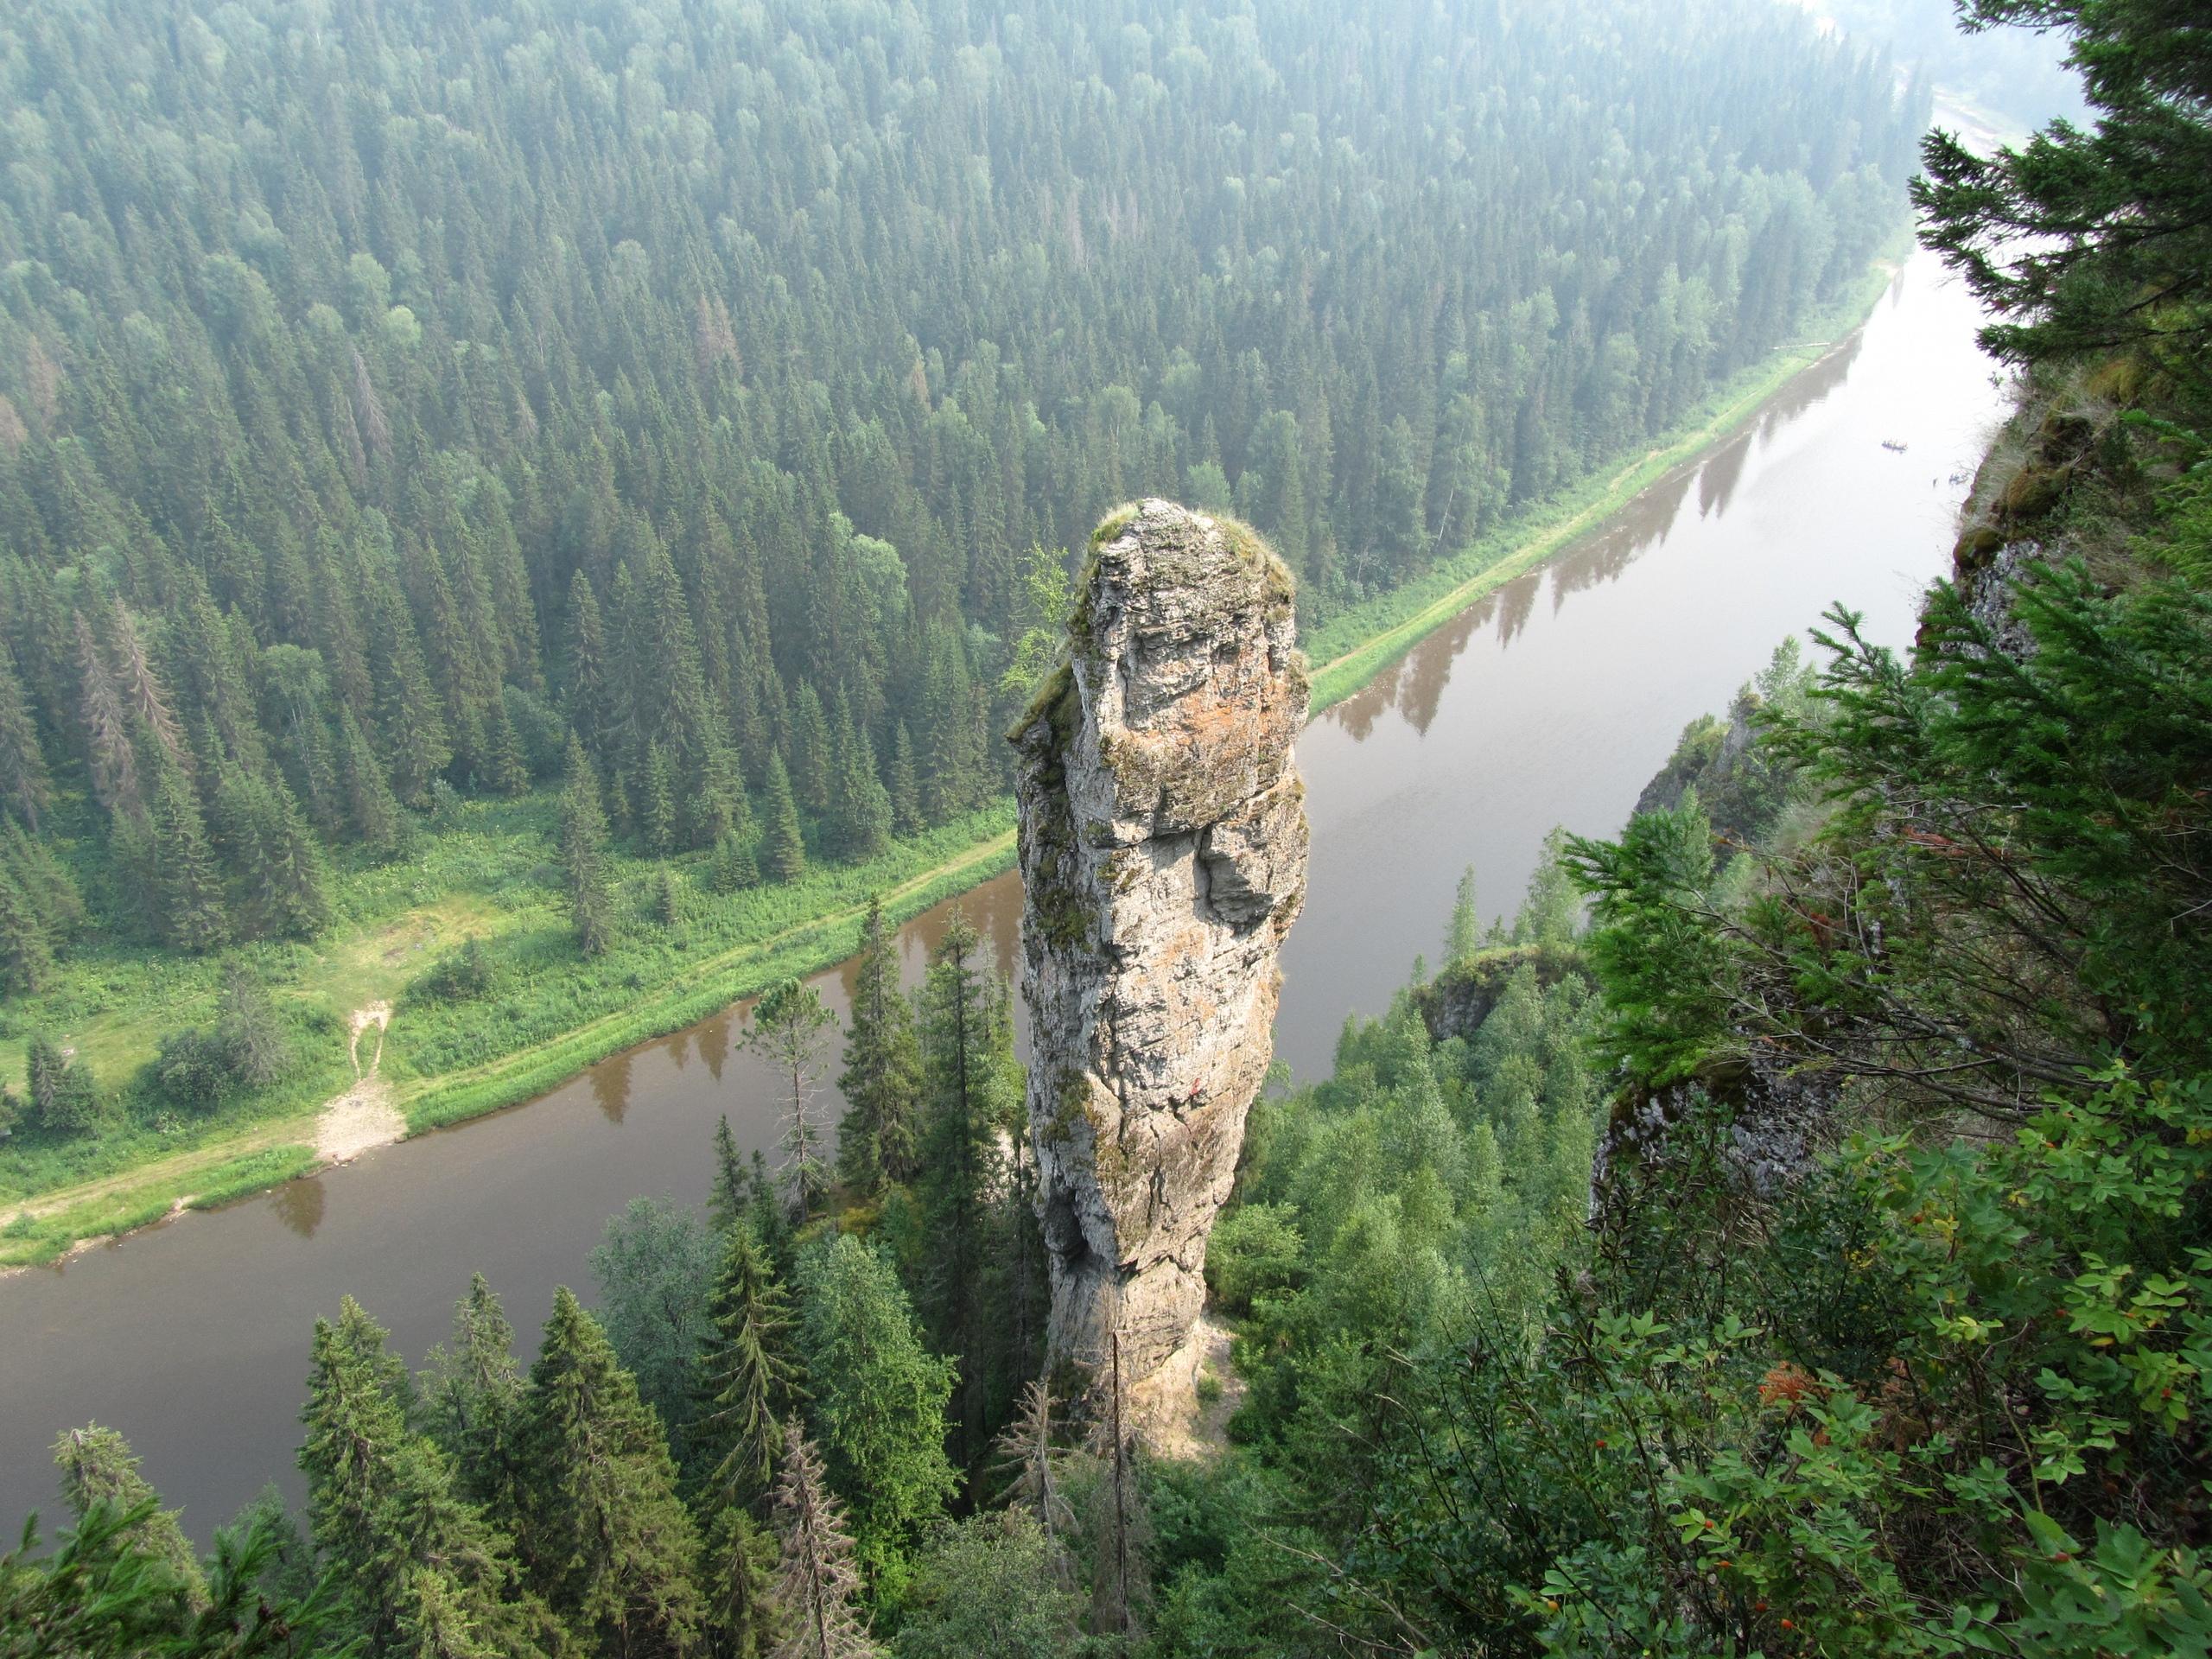 противоположный берег Усьвенских столбов